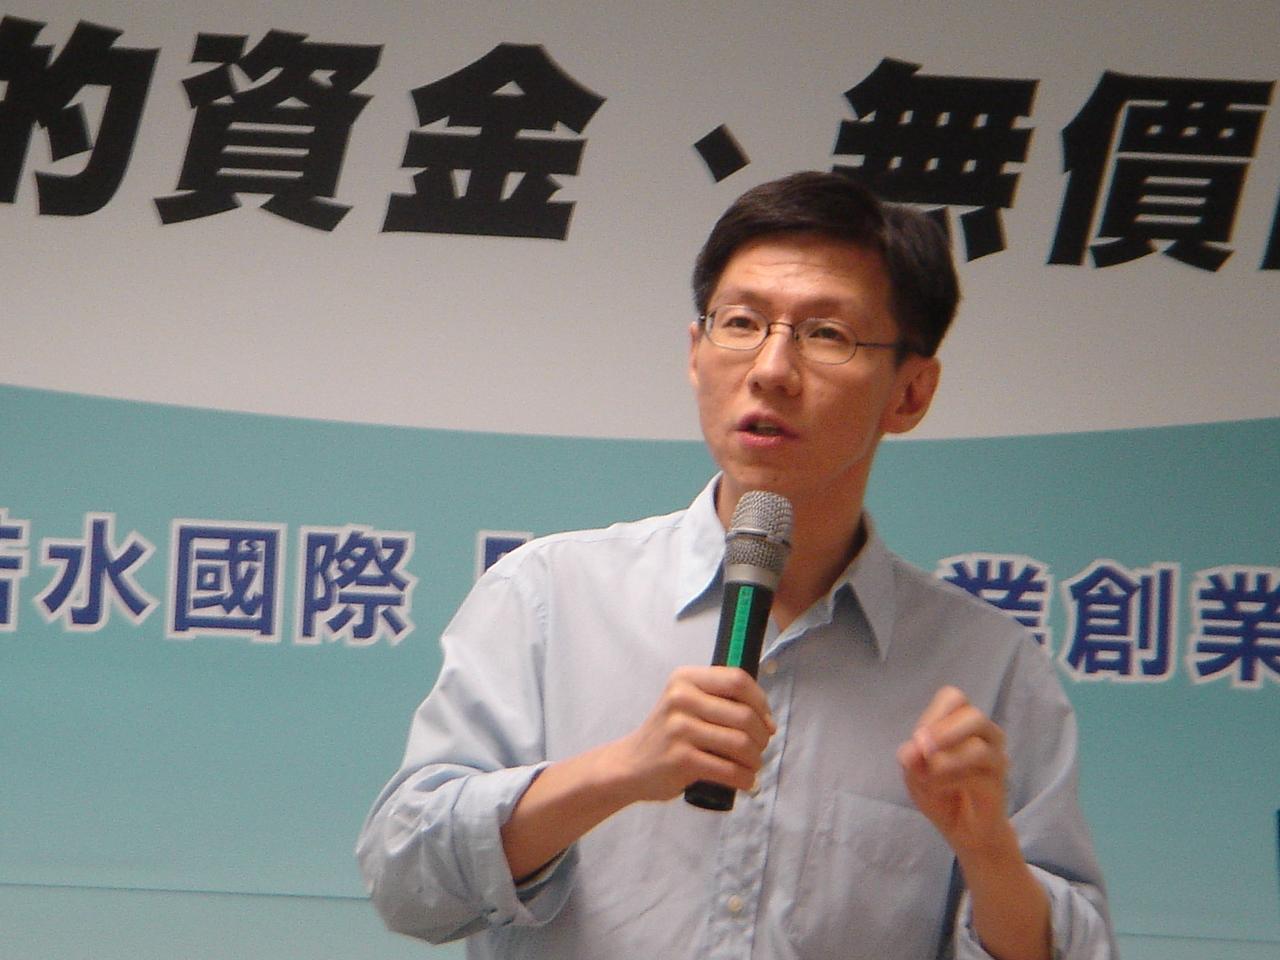 知名暢銷作家王文華講述社會公益的意義